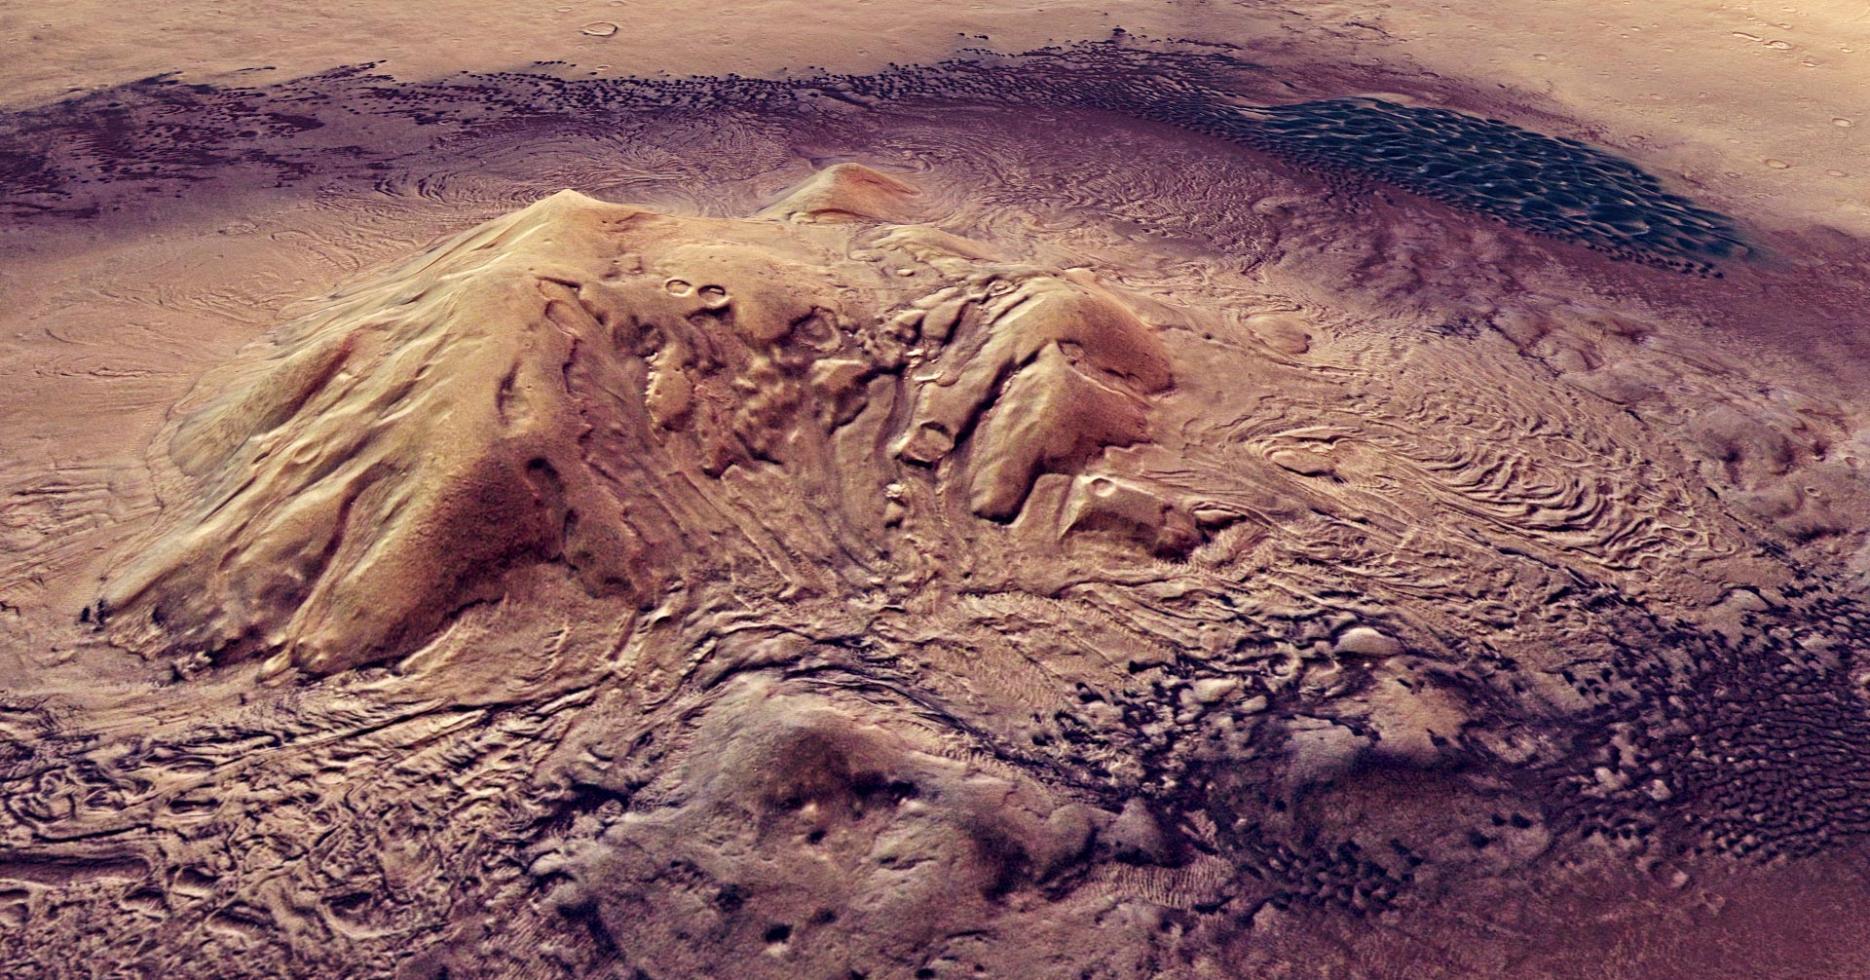 新研究表明火星地壳中的岩石可能会产生跟地球表面深层微生物相同的化学能